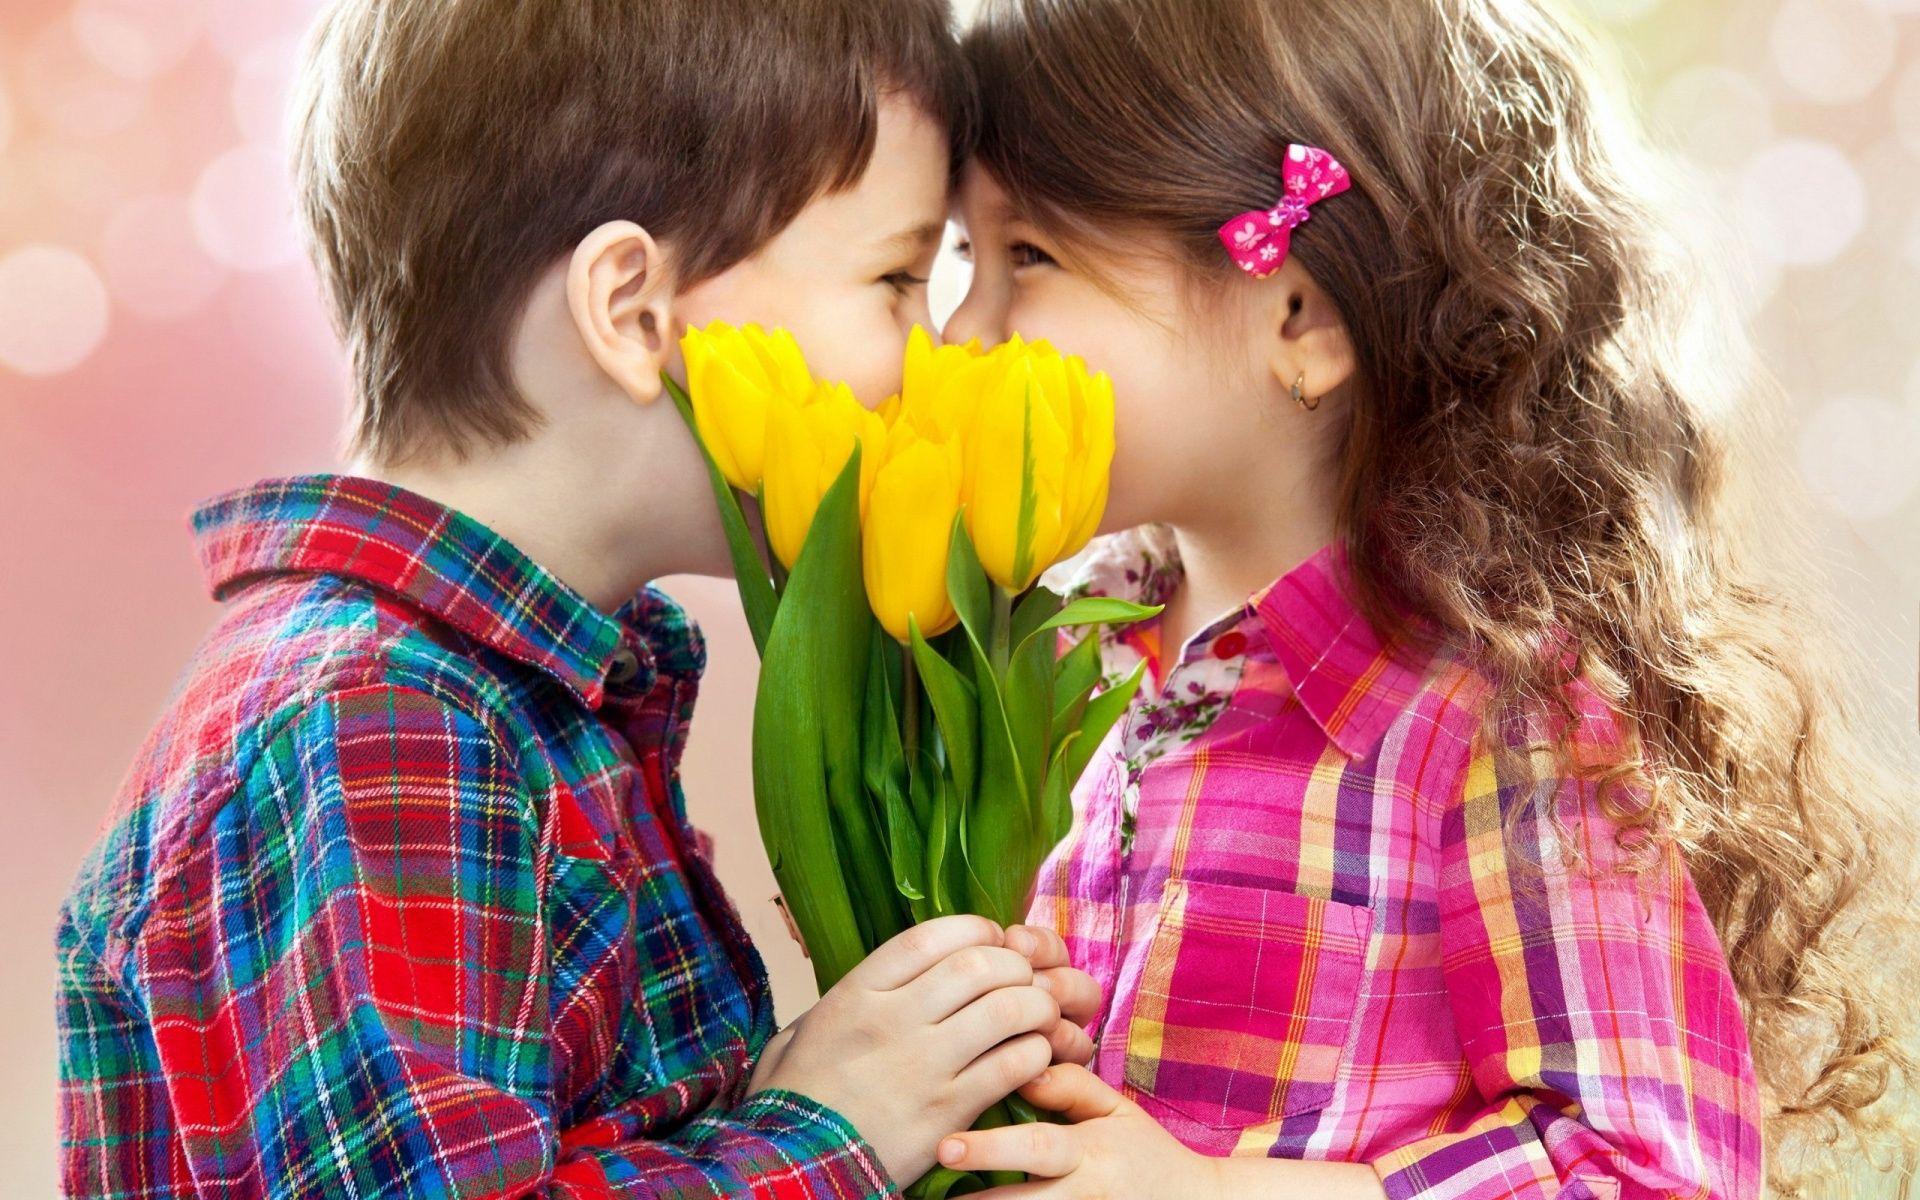 Картинки девочка мальчик любовь